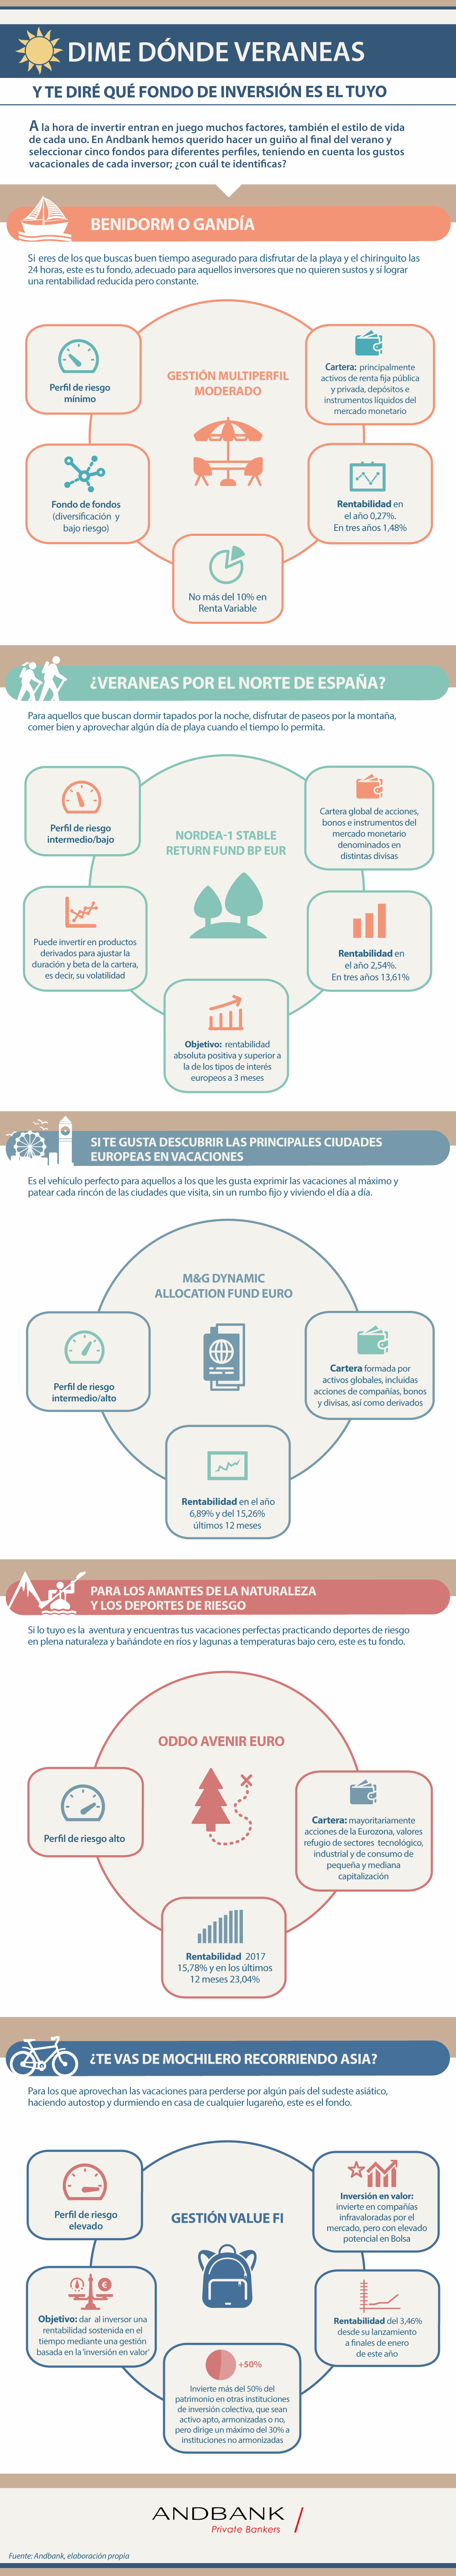 Andbank infografia fondos de inversión en verano